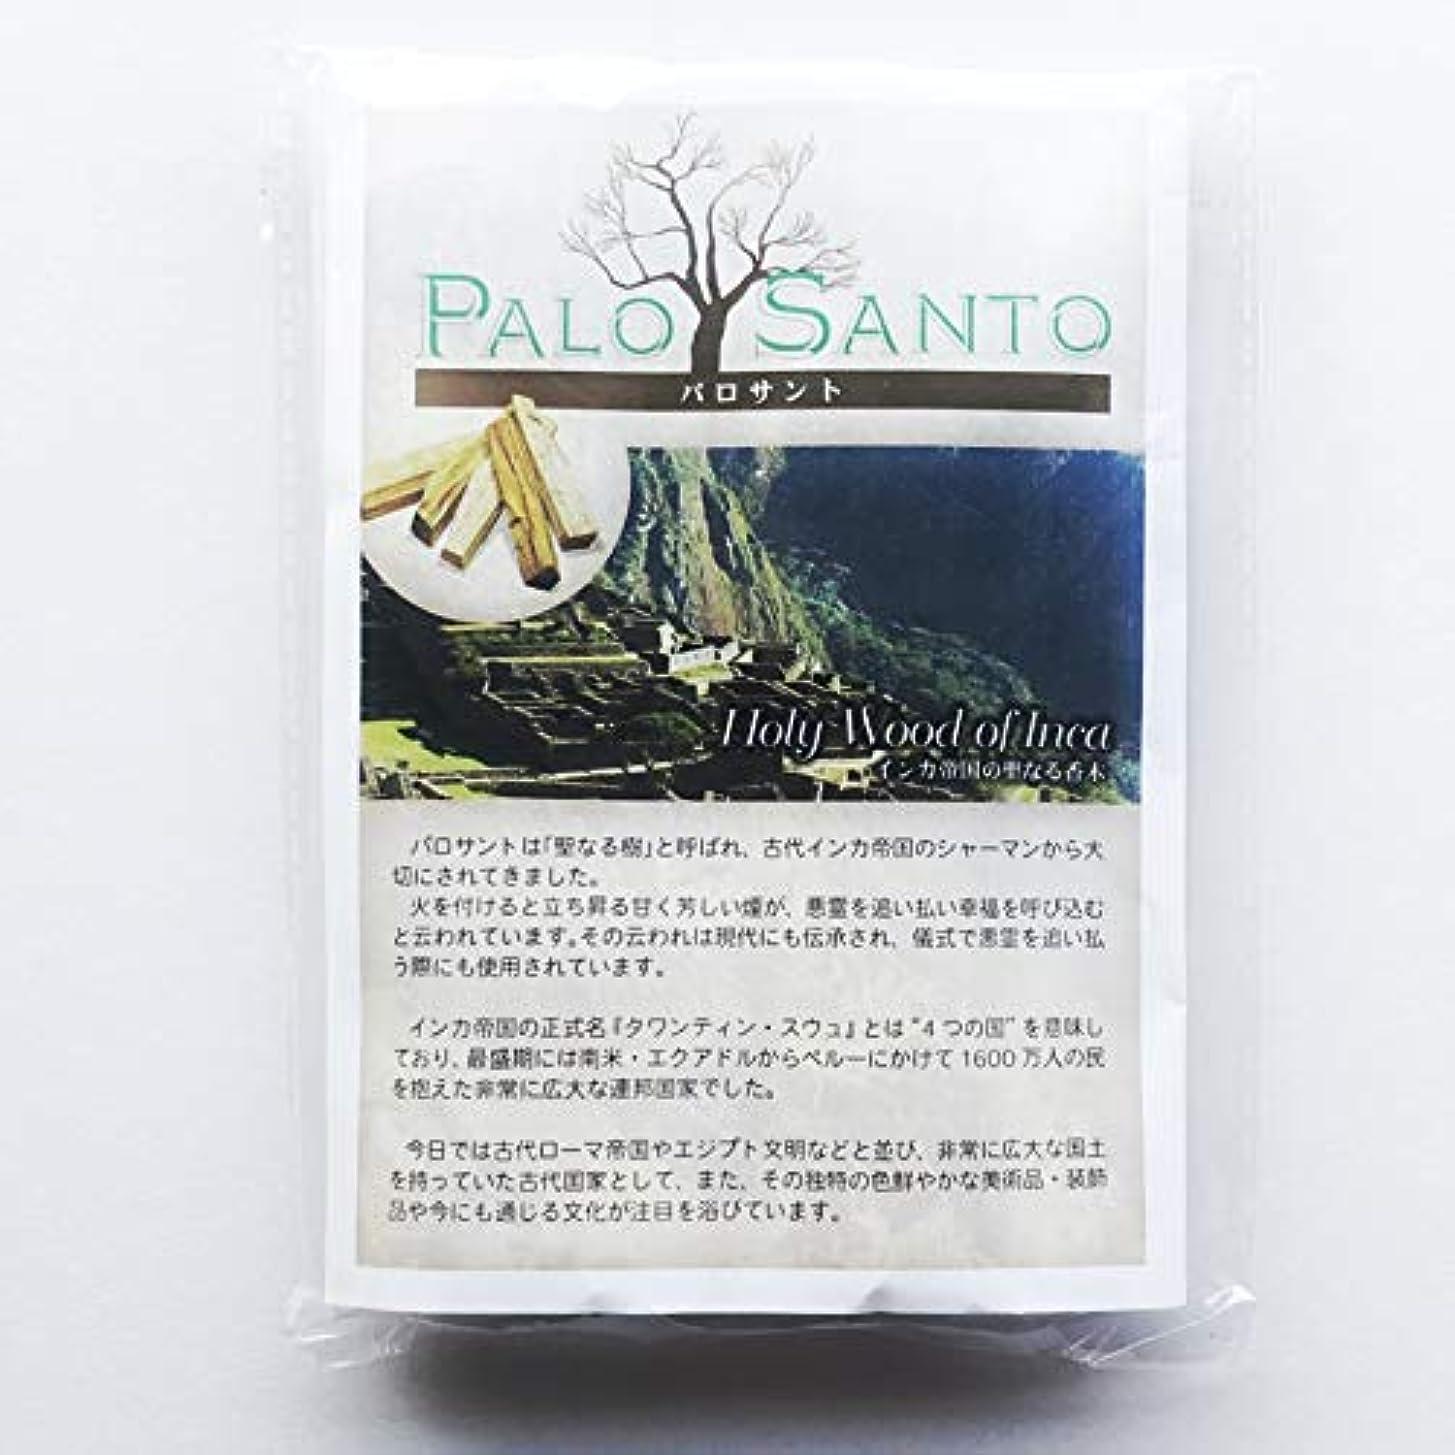 リング逃れる批評さわやかな香りをはなつ聖なる木 5本 パロサント ホーリーウッド